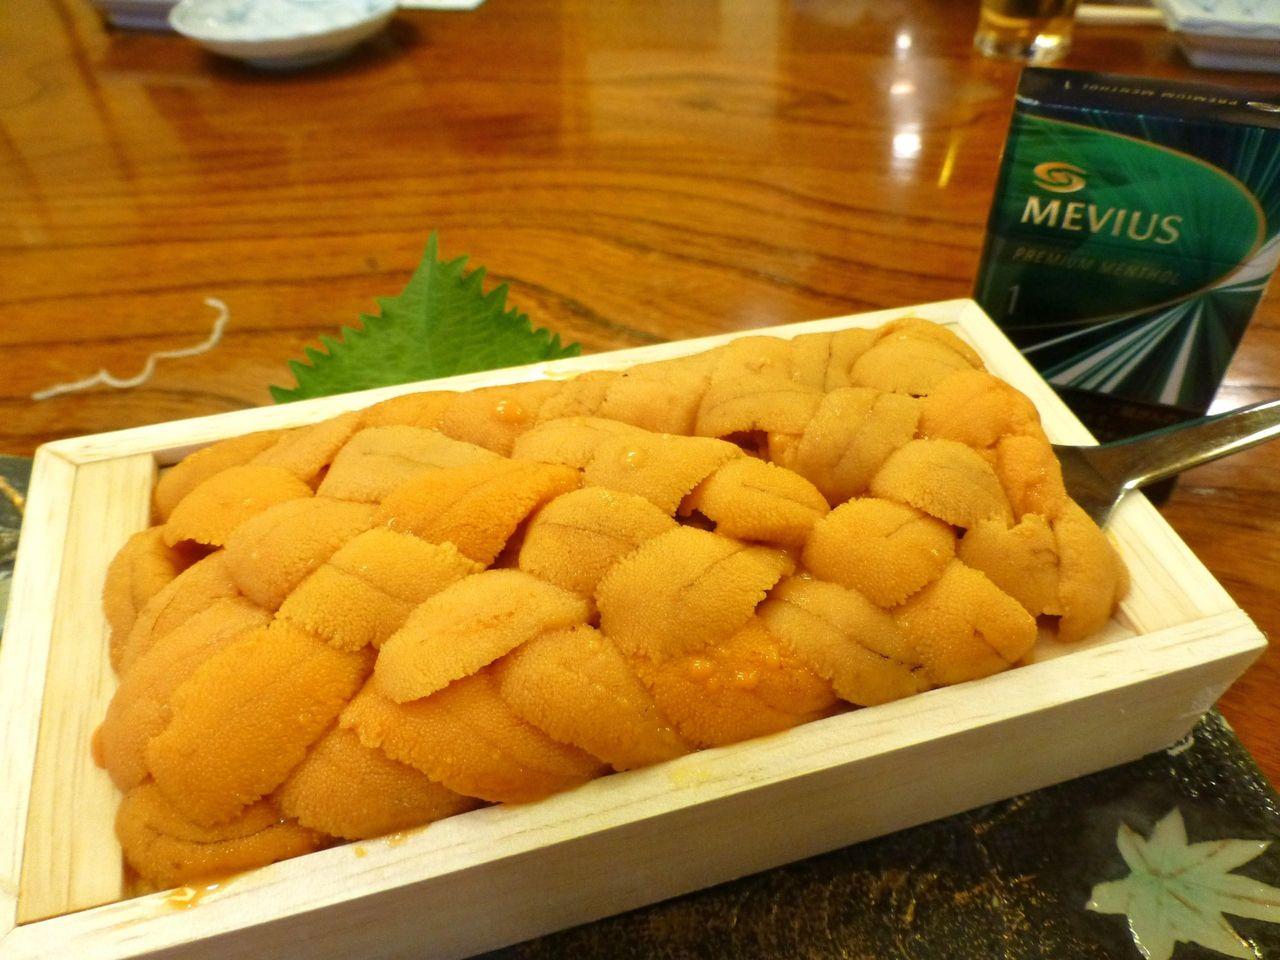 根室産のウニが、なんと箱ごと出てきた!ウニ3,000円!